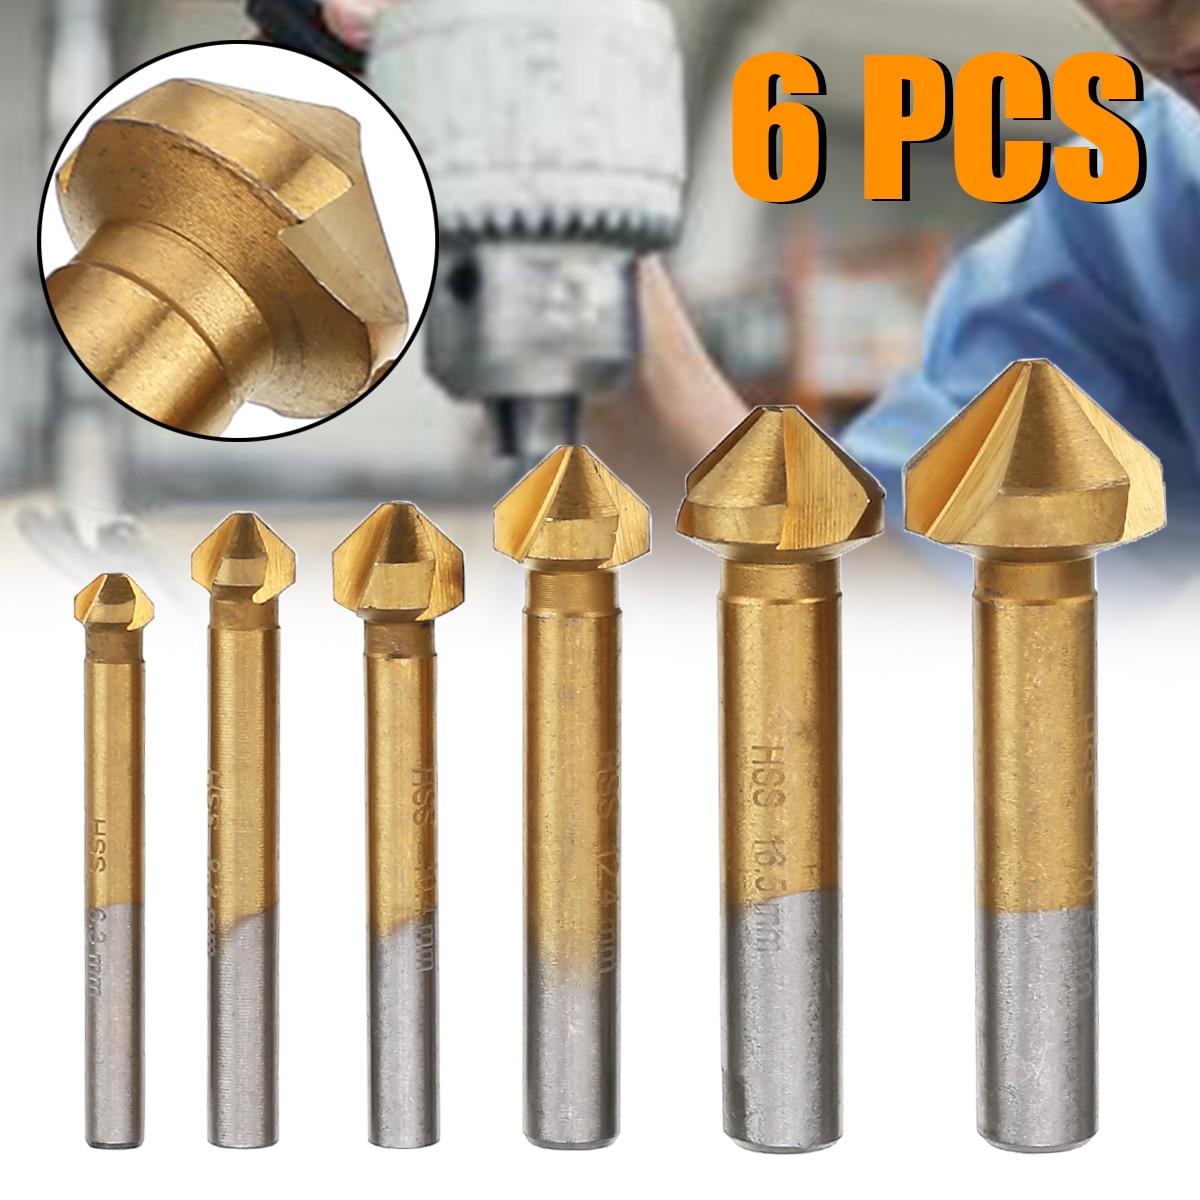 6 peças de chanfradura redonda da pata cortador de chanfradura 90 graus chanfradura fresa chanfradura conjunto de brocas 6.3mm-20.5mm